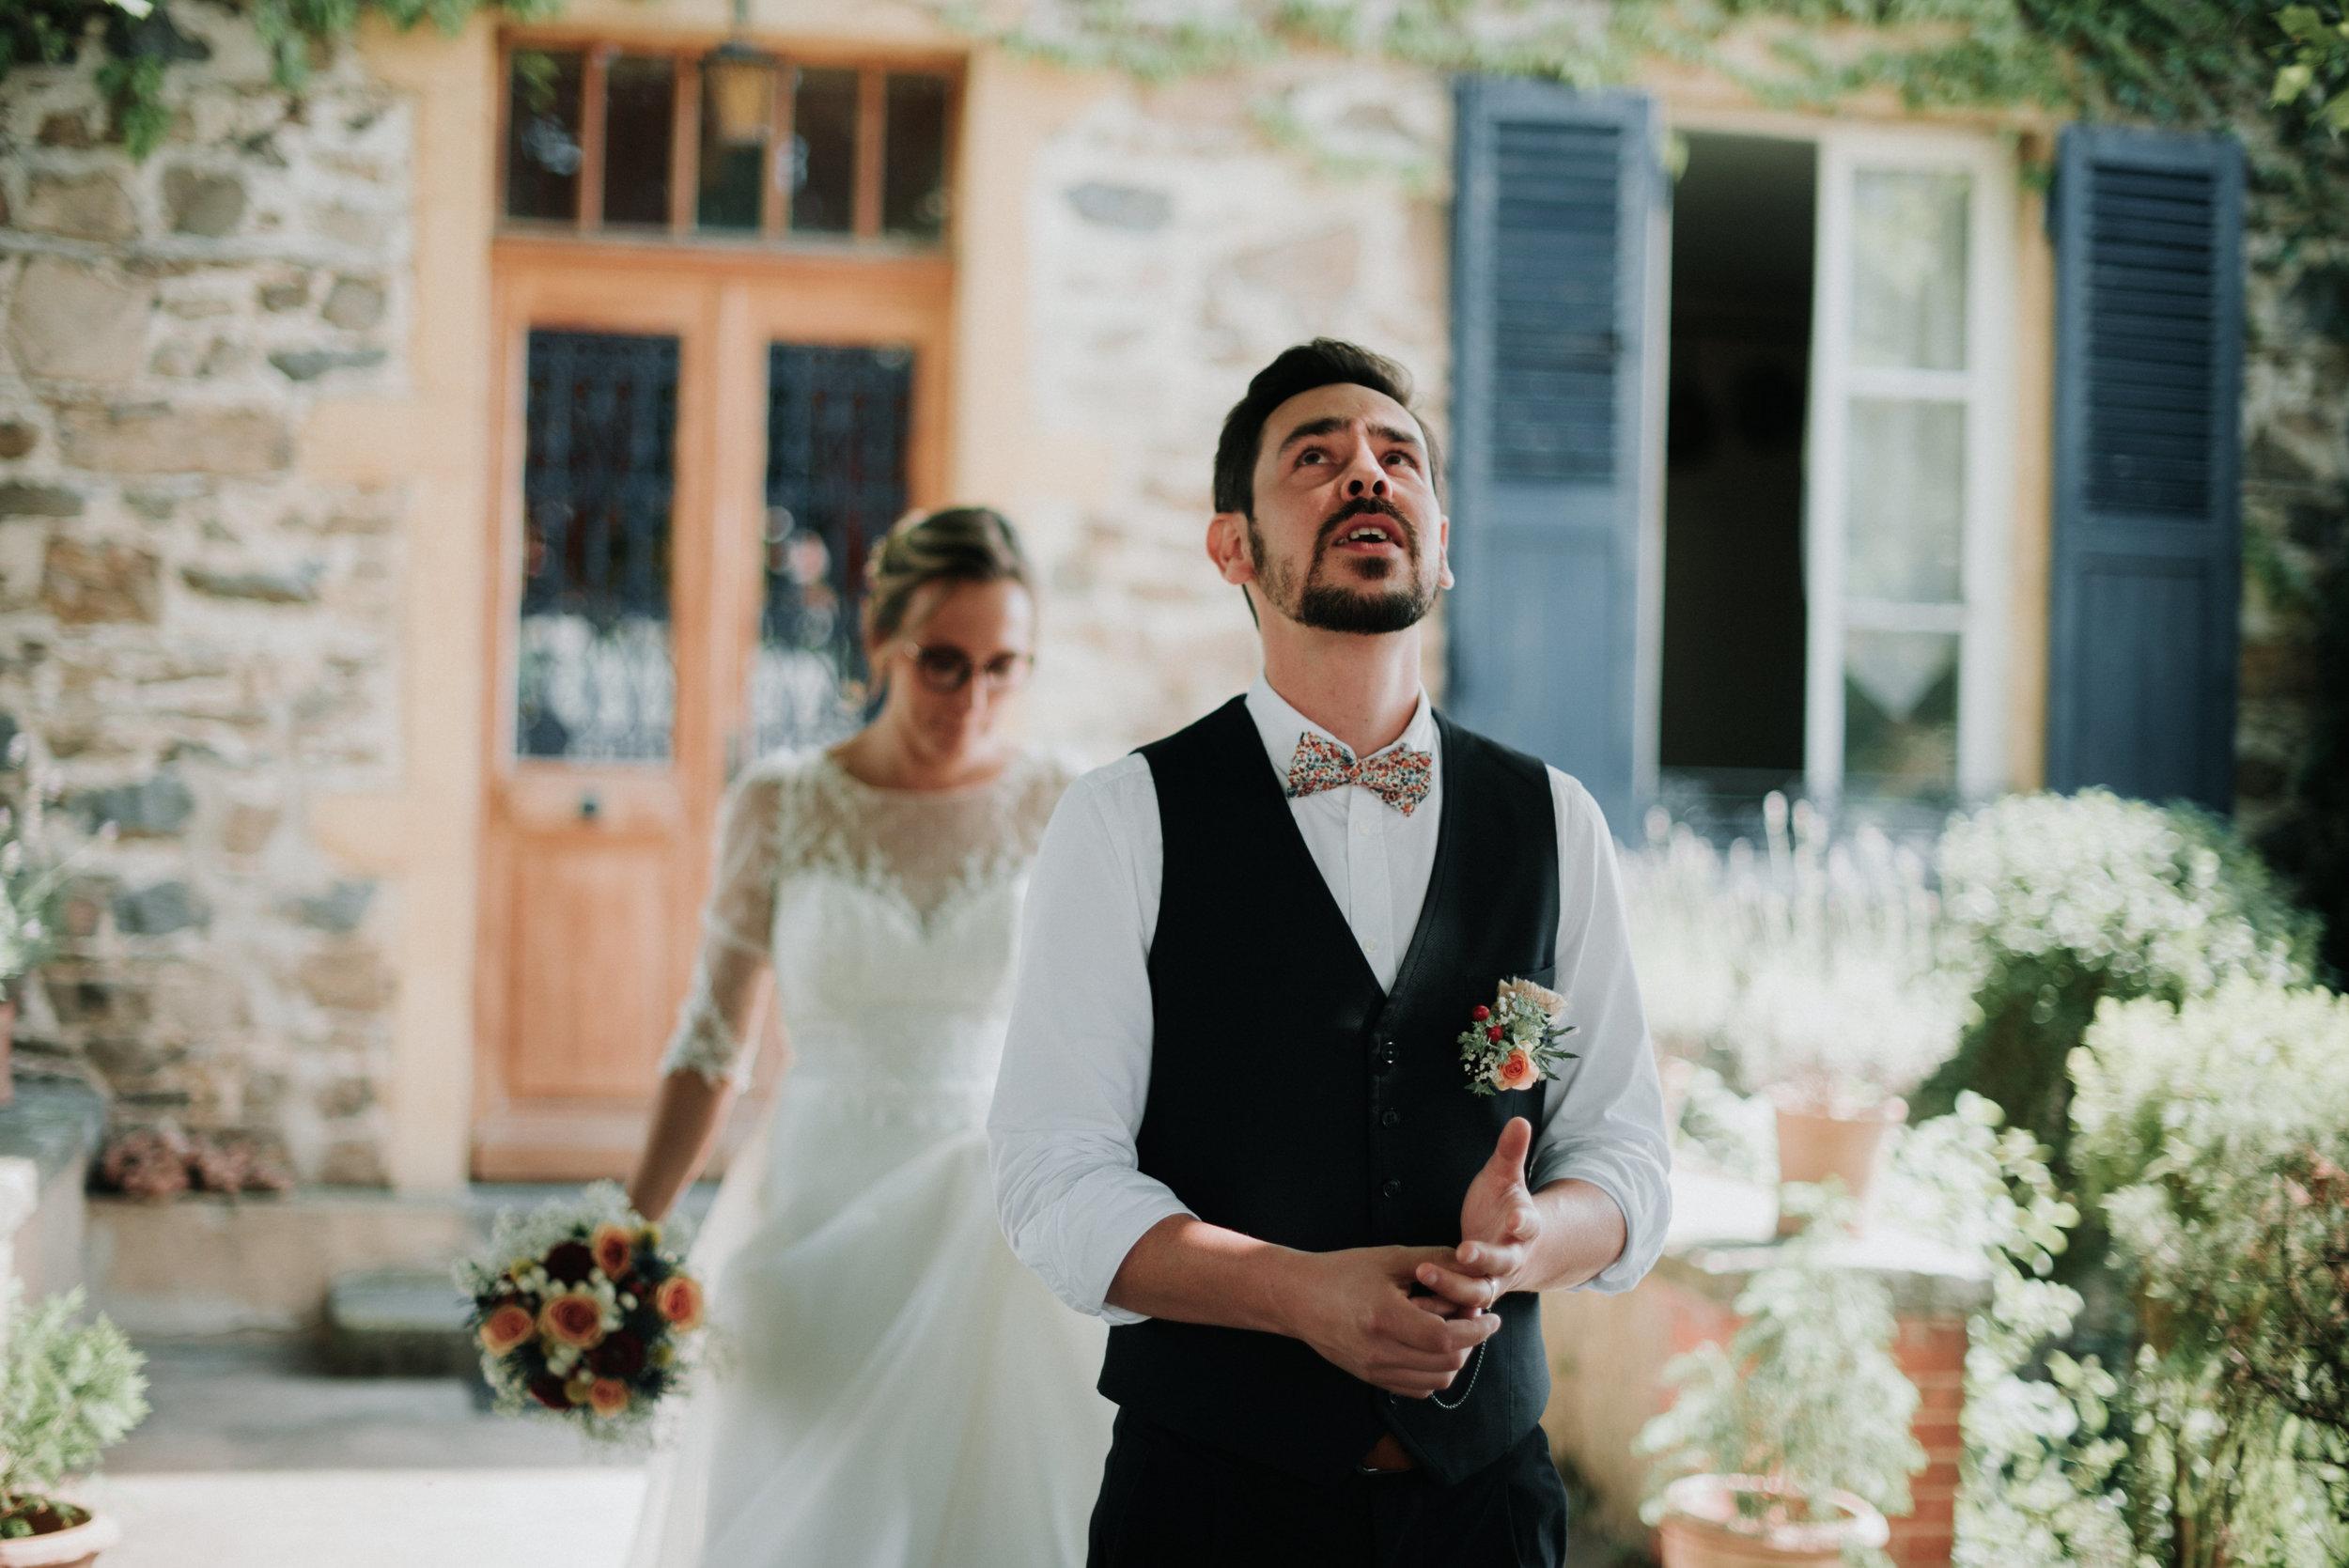 Léa-Fery-photographe-professionnel-lyon-rhone-alpes-portrait-creation-mariage-evenement-evenementiel-famille-7432.jpg